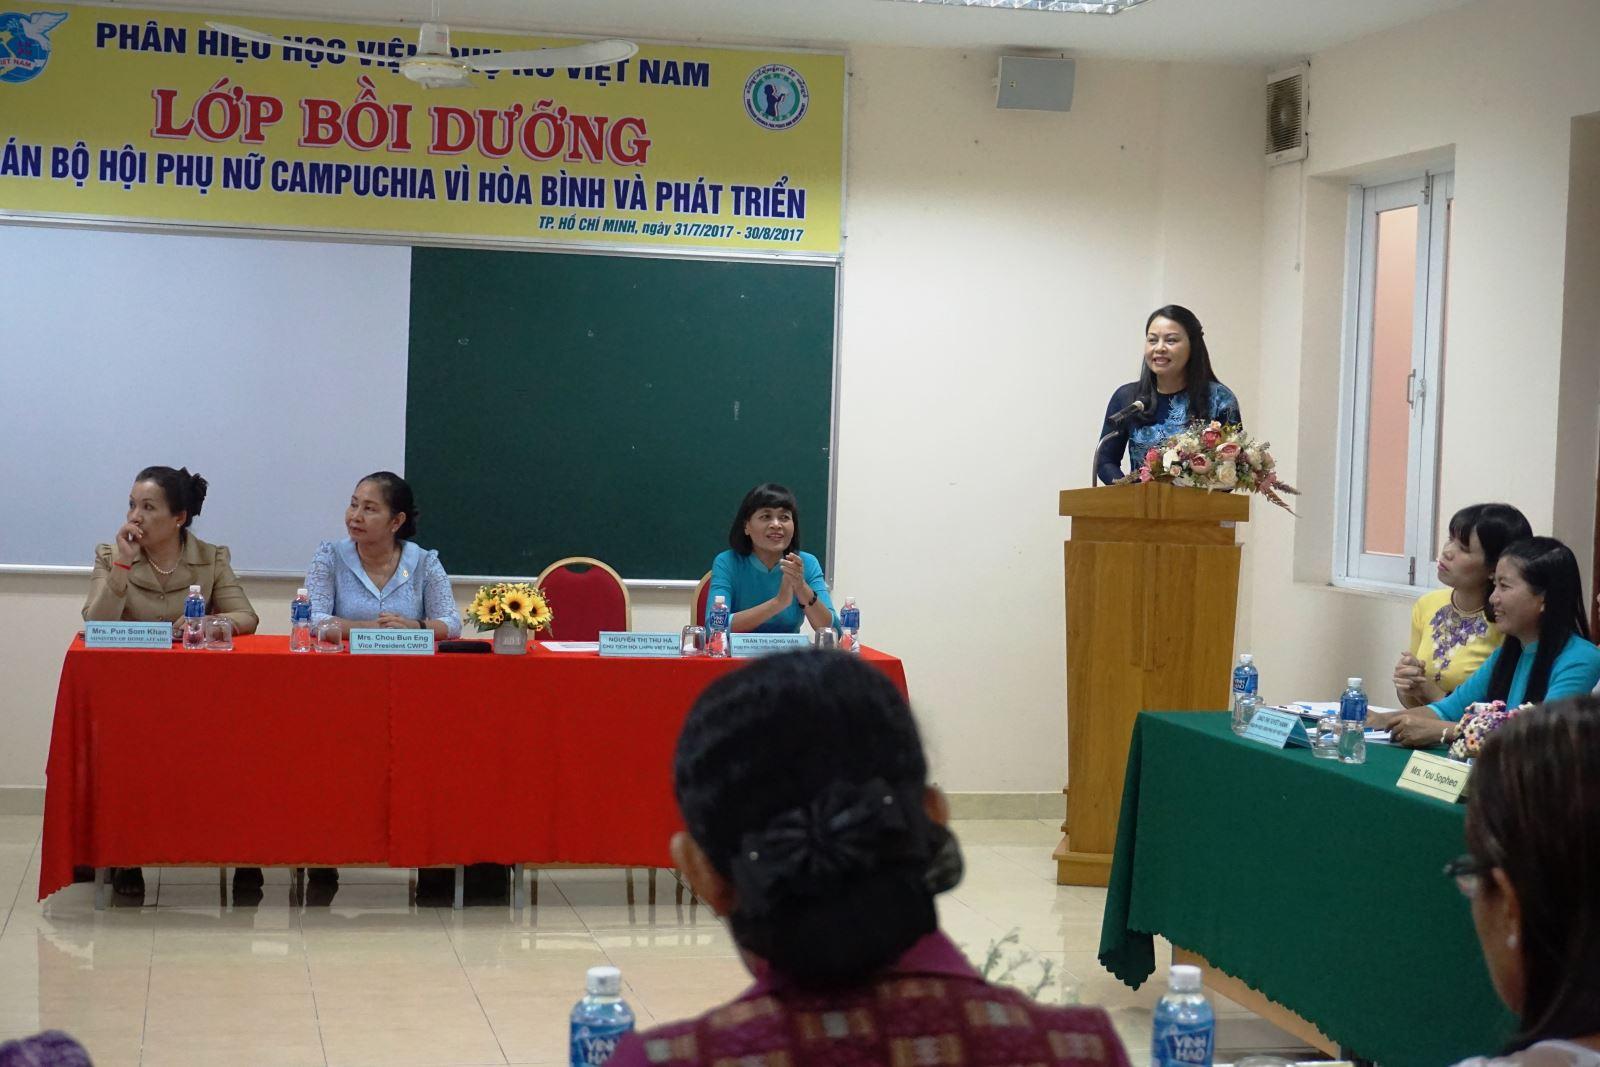 Khai giảng lớp bồi dưỡng nghiệp vụ dành cho cán bộ Hội phụ nữ Campuchia vì hòa bình và phát triển